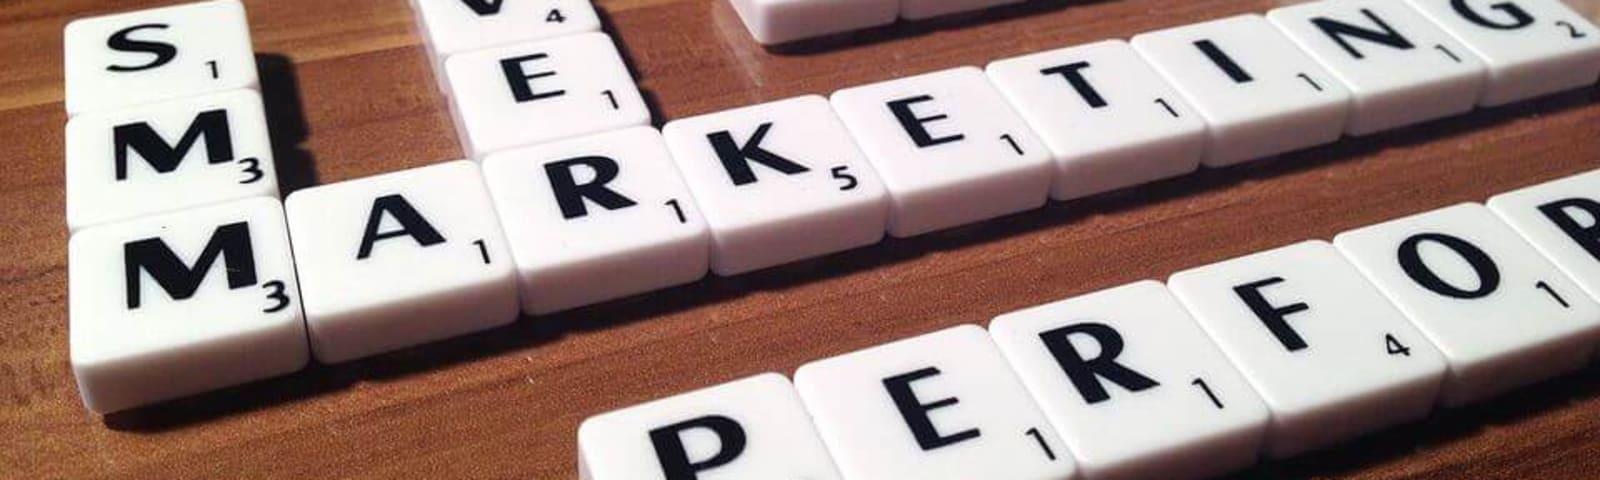 Imagem de destaque do post Dicas de criação de sites para melhor desempenho na internet